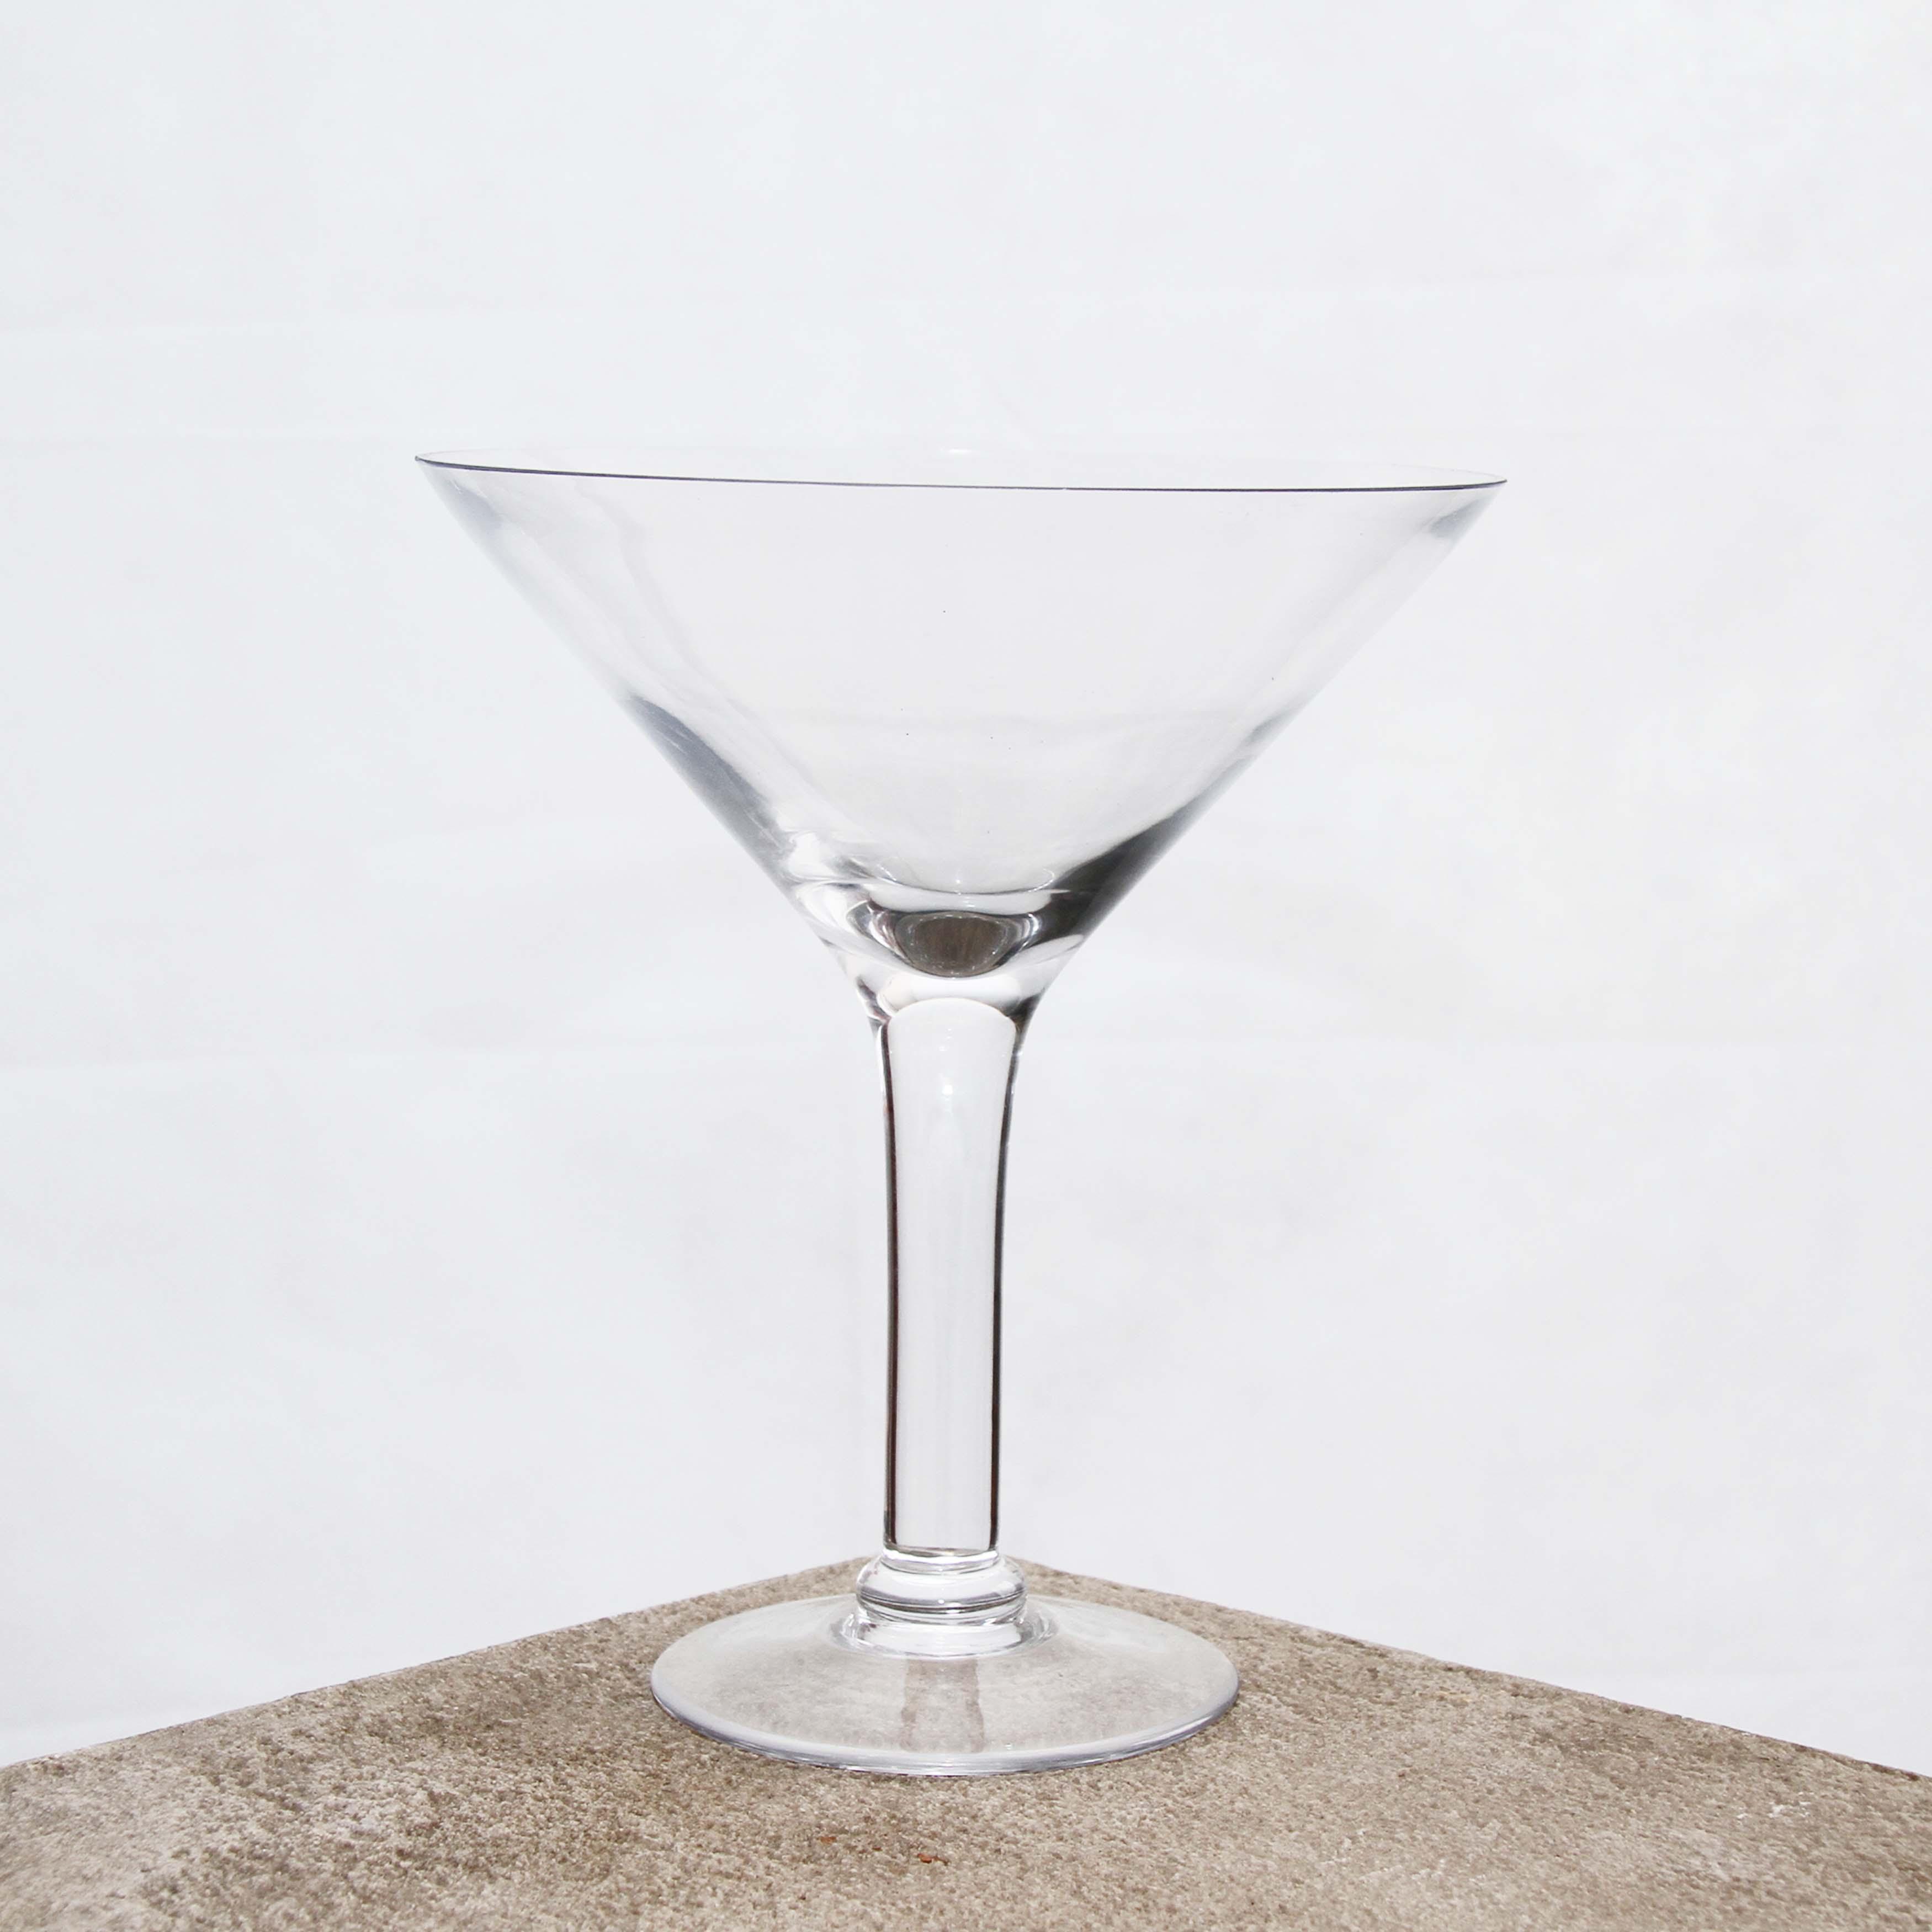 Vase Martini 23cm D x 26cm H